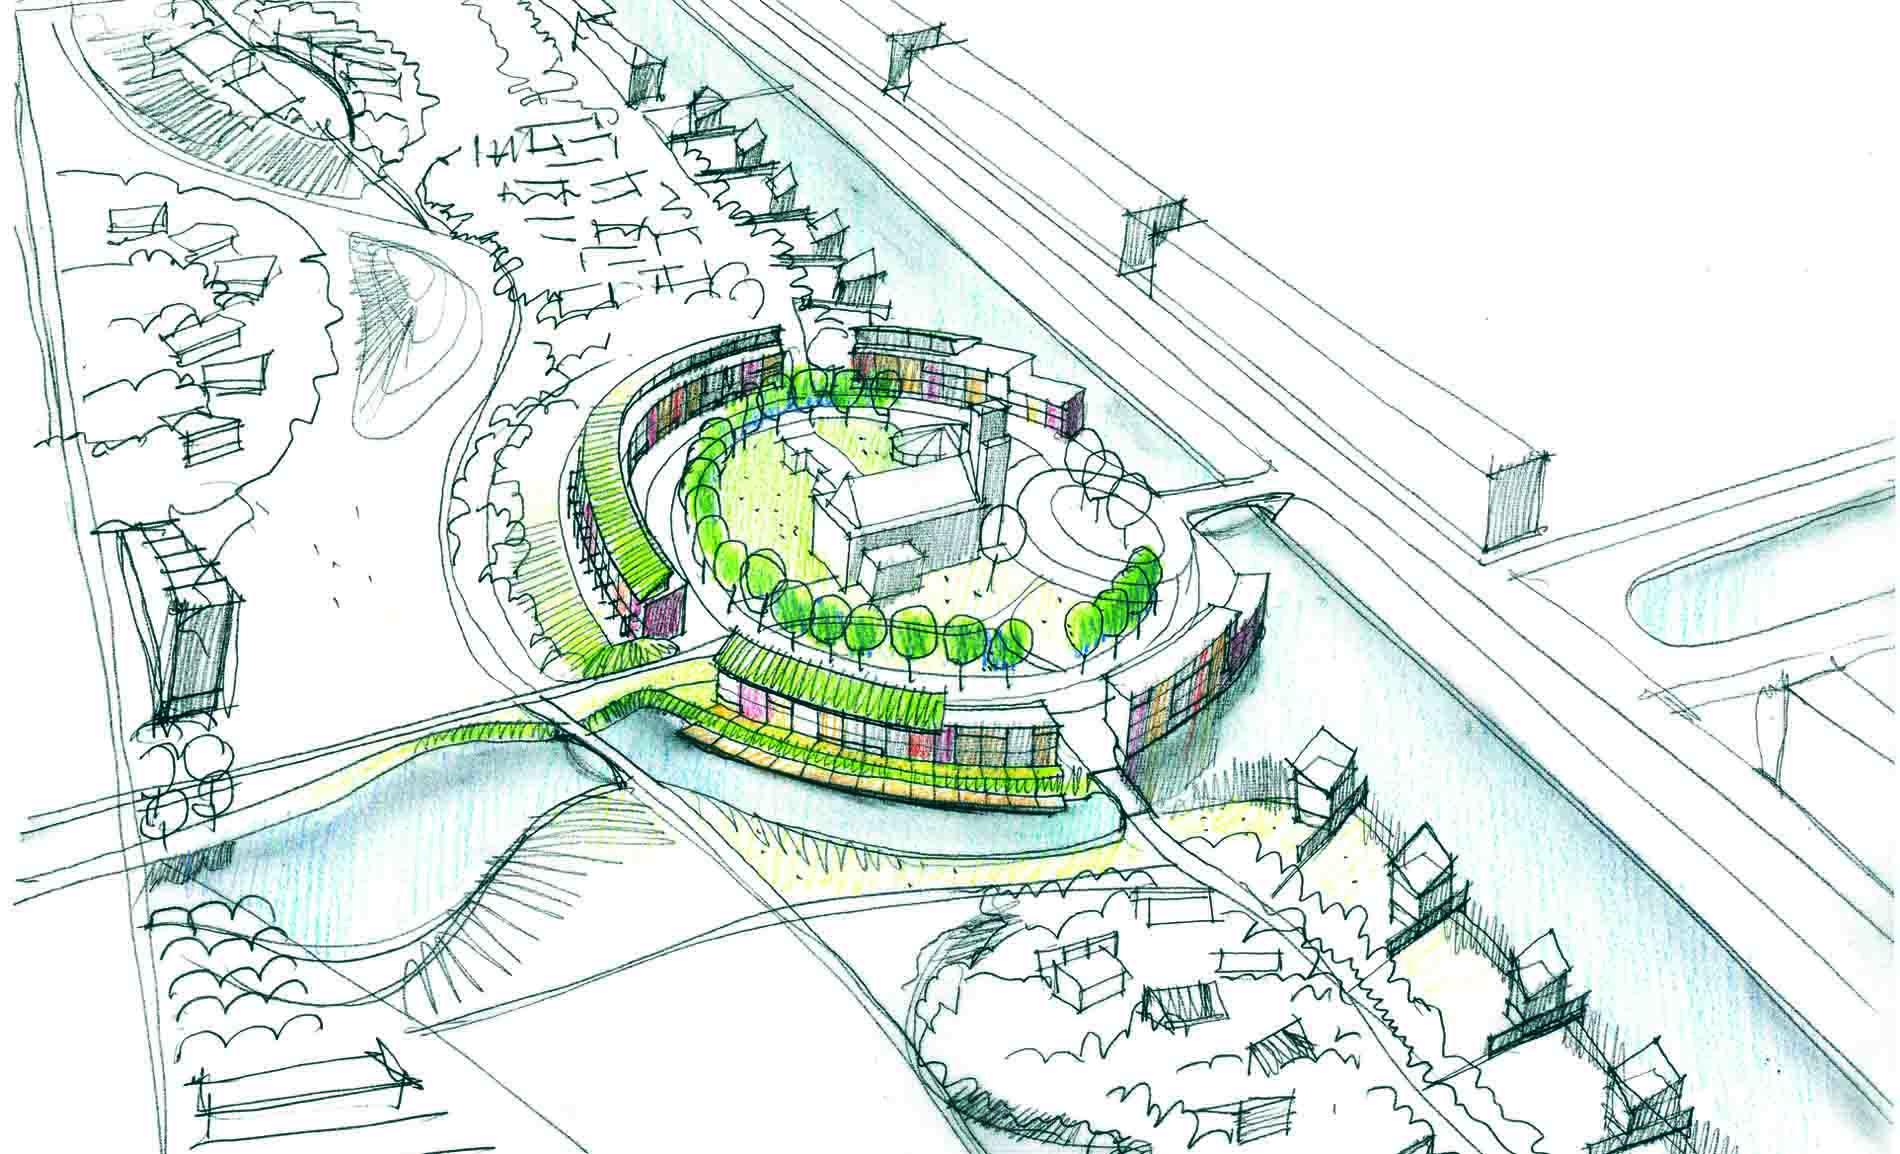 stedenbouw stedenbouwkundig ontwerp woningbouw Duinpark Den Helder BBHD architecten